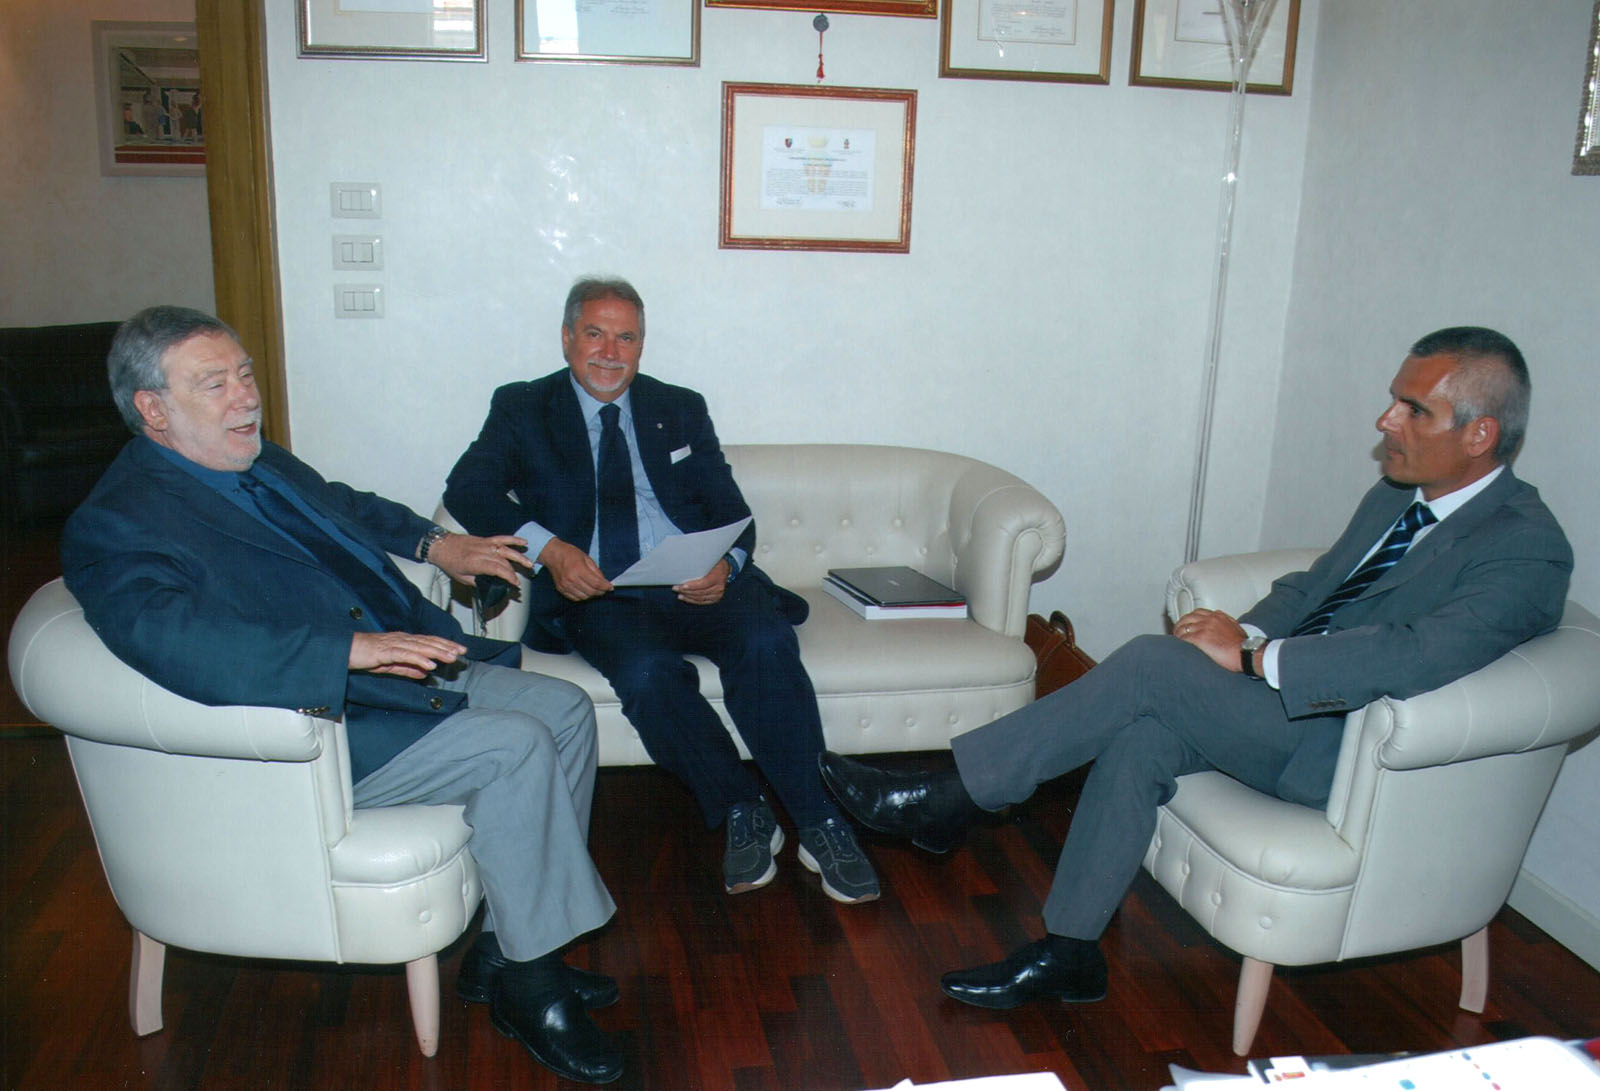 Il Console in visita al Questore di Pesaro-Urbino